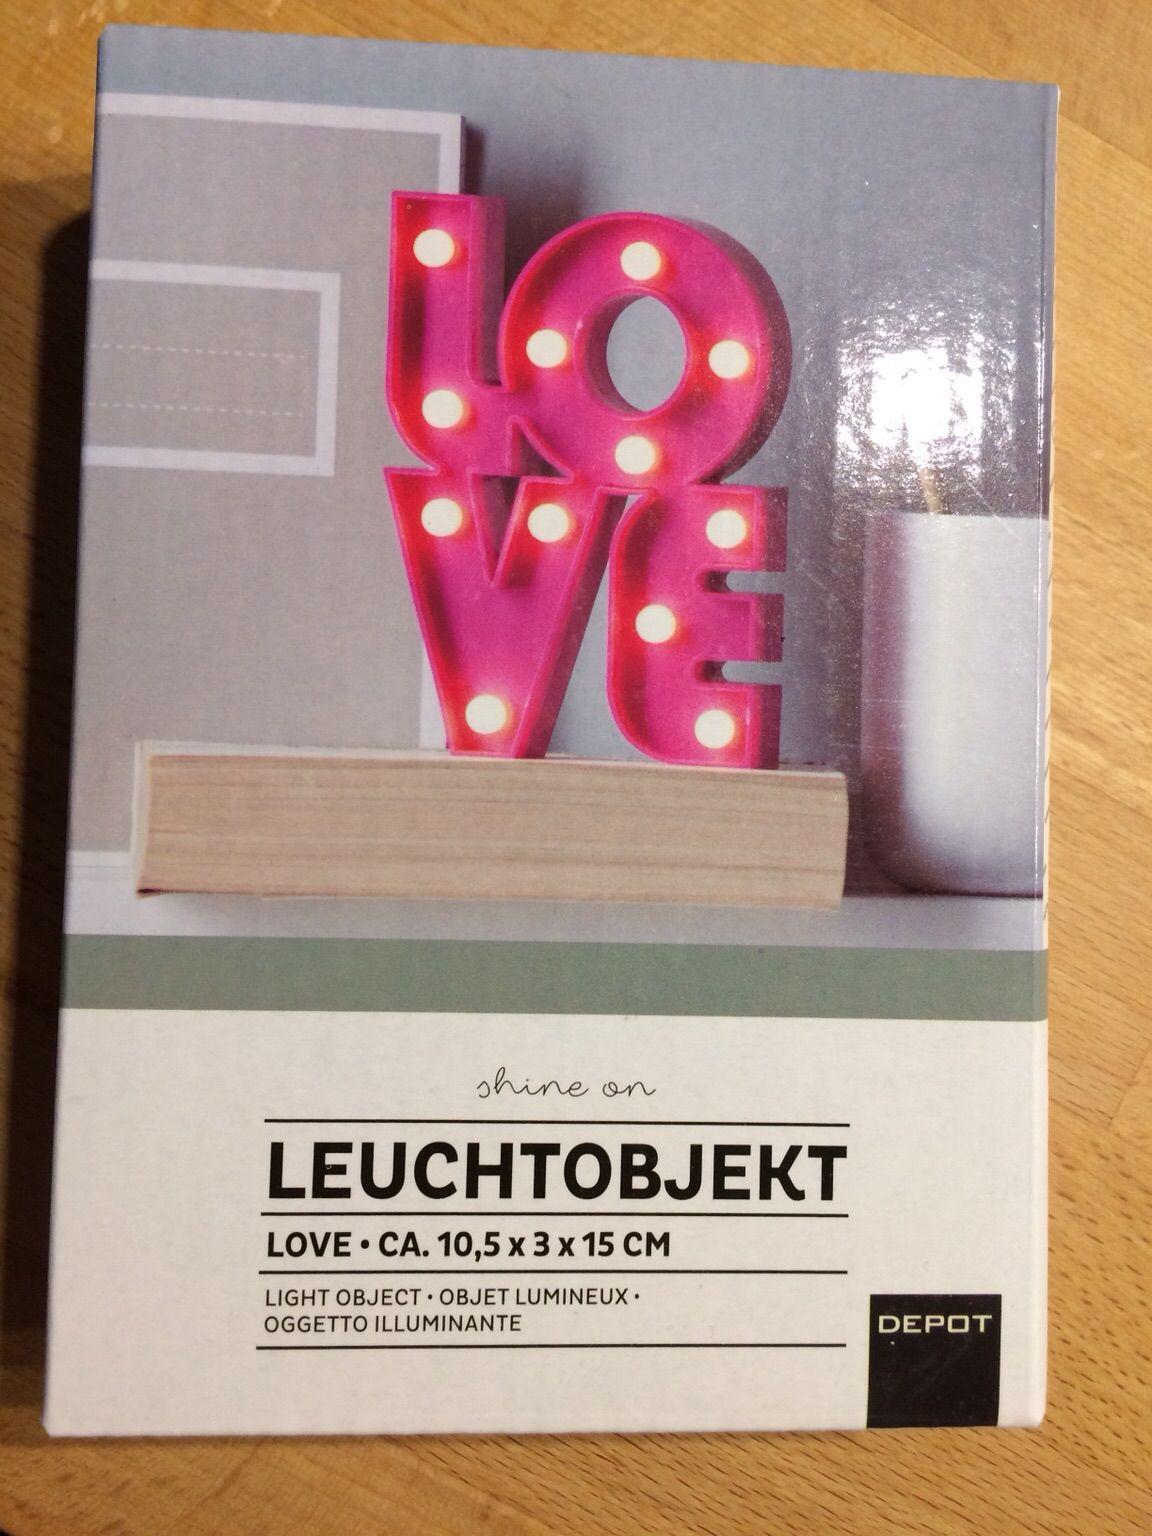 Leuchtobjekt Love